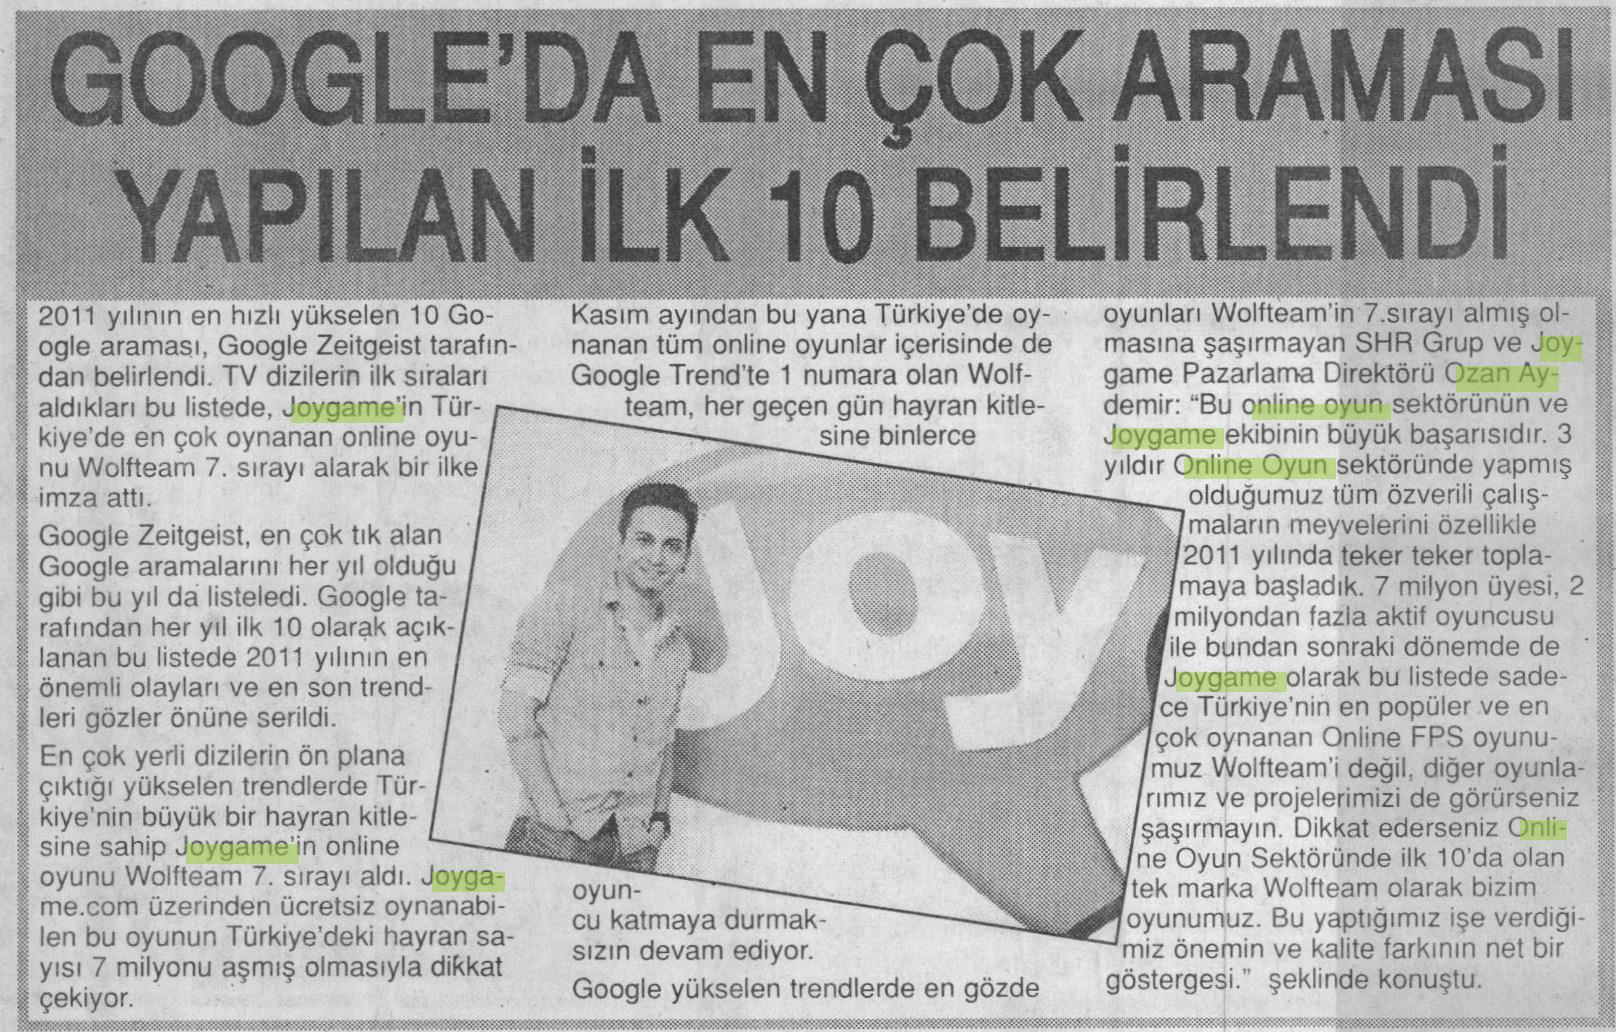 Netmarble-Turkey-Basin-Yansimasi-Son-Saat-Gazetesi-25-Aralik-2011-1